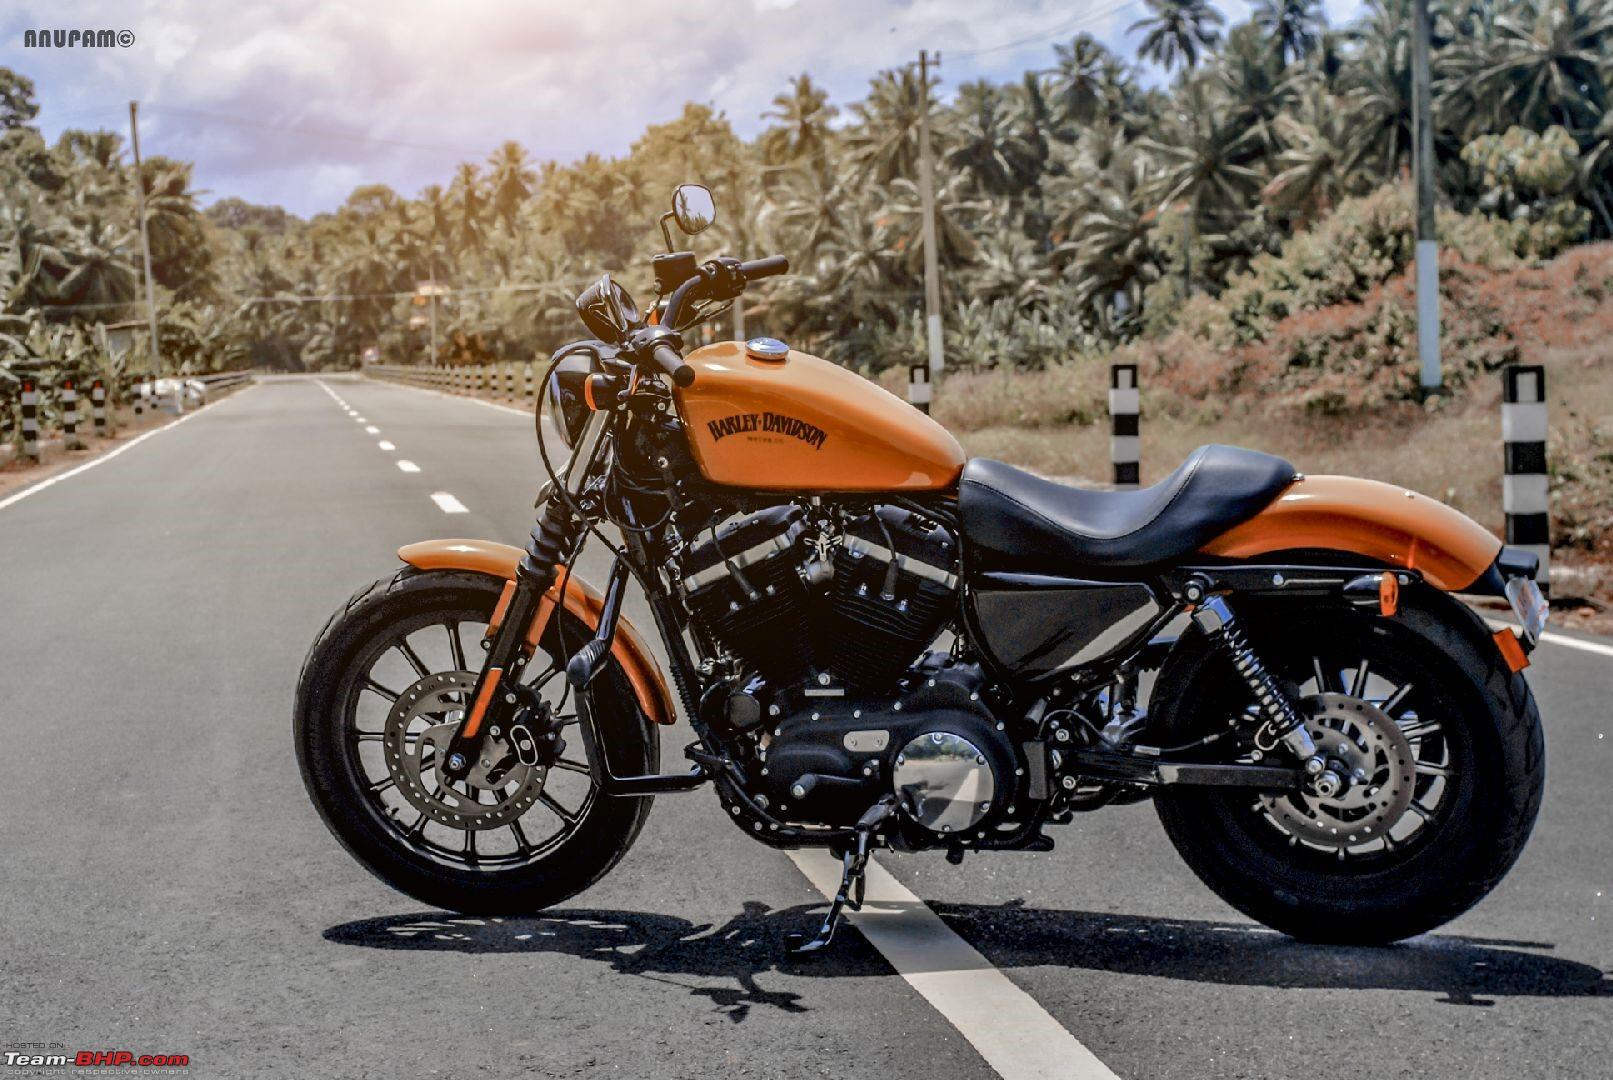 Harley Davidson Rentals  Rent a Harley  EagleRider